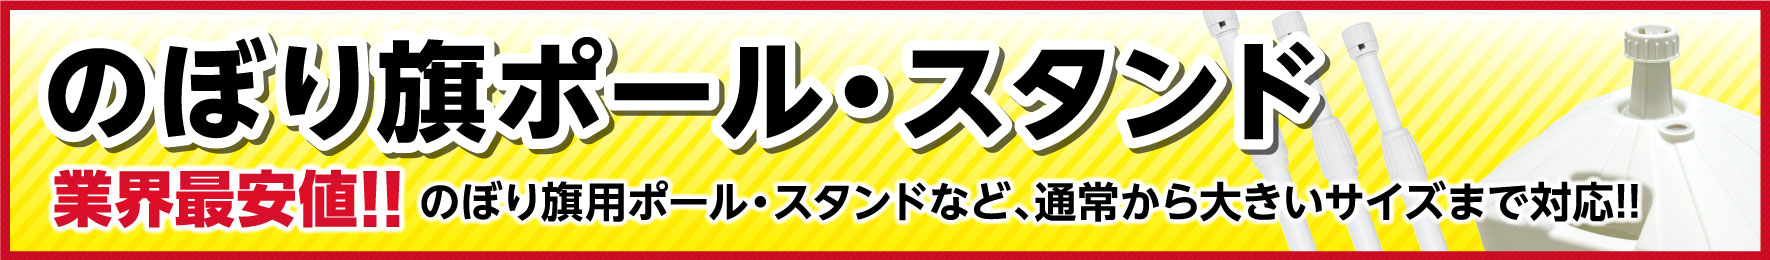 【のぼりポール・スタンド】業界最安値!!のぼり旗の必需品をお値打ち価格でご提供します。